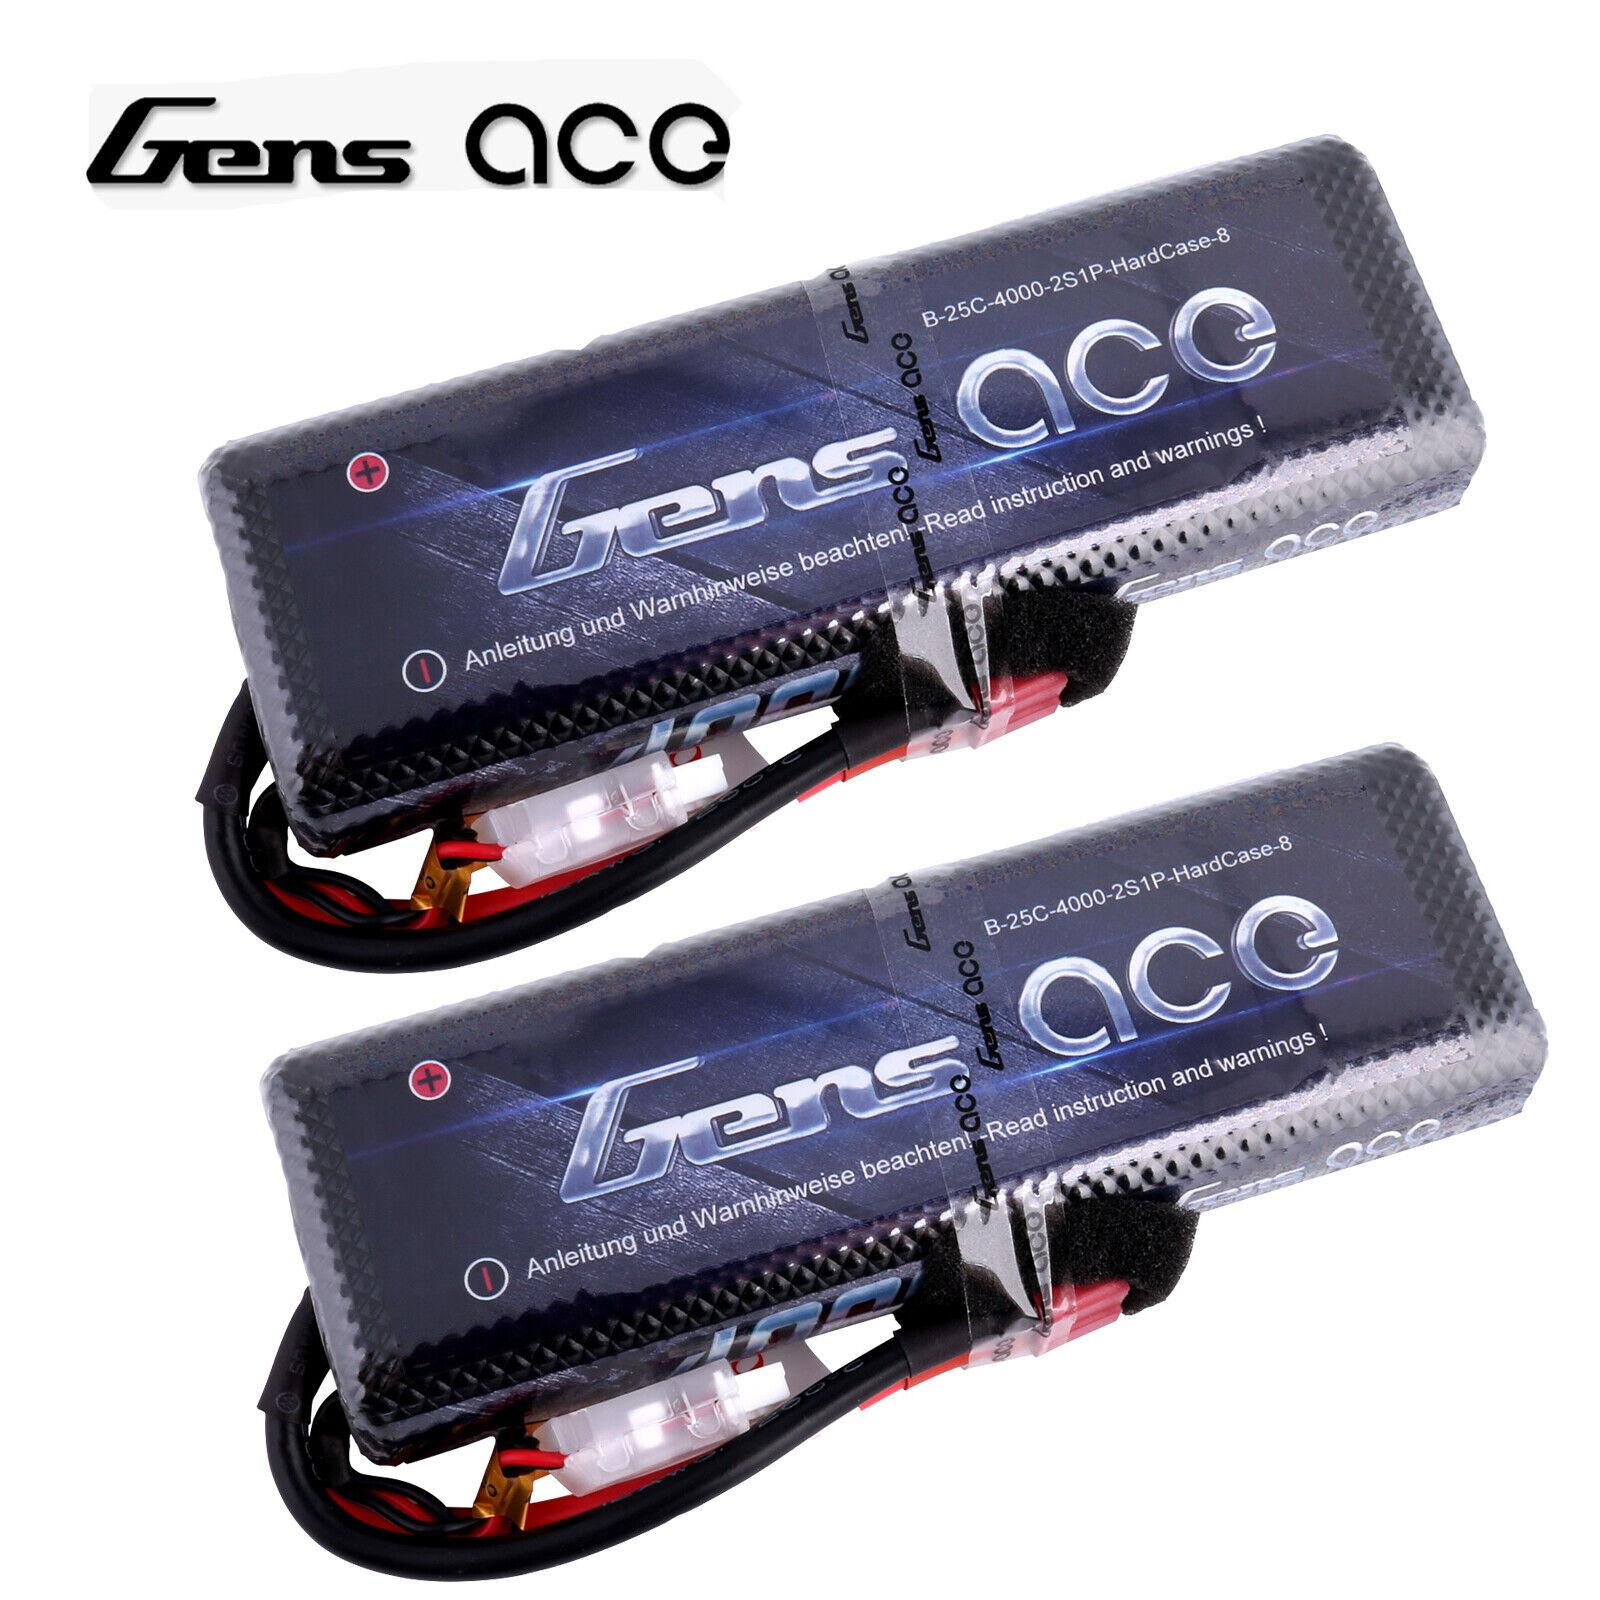 2  gens ACE 4000mah 7.4v 25c 2s1p LiPo batteria per Traxxas Slash EMAXX HPI 1 10 auto  spedizione gratuita!